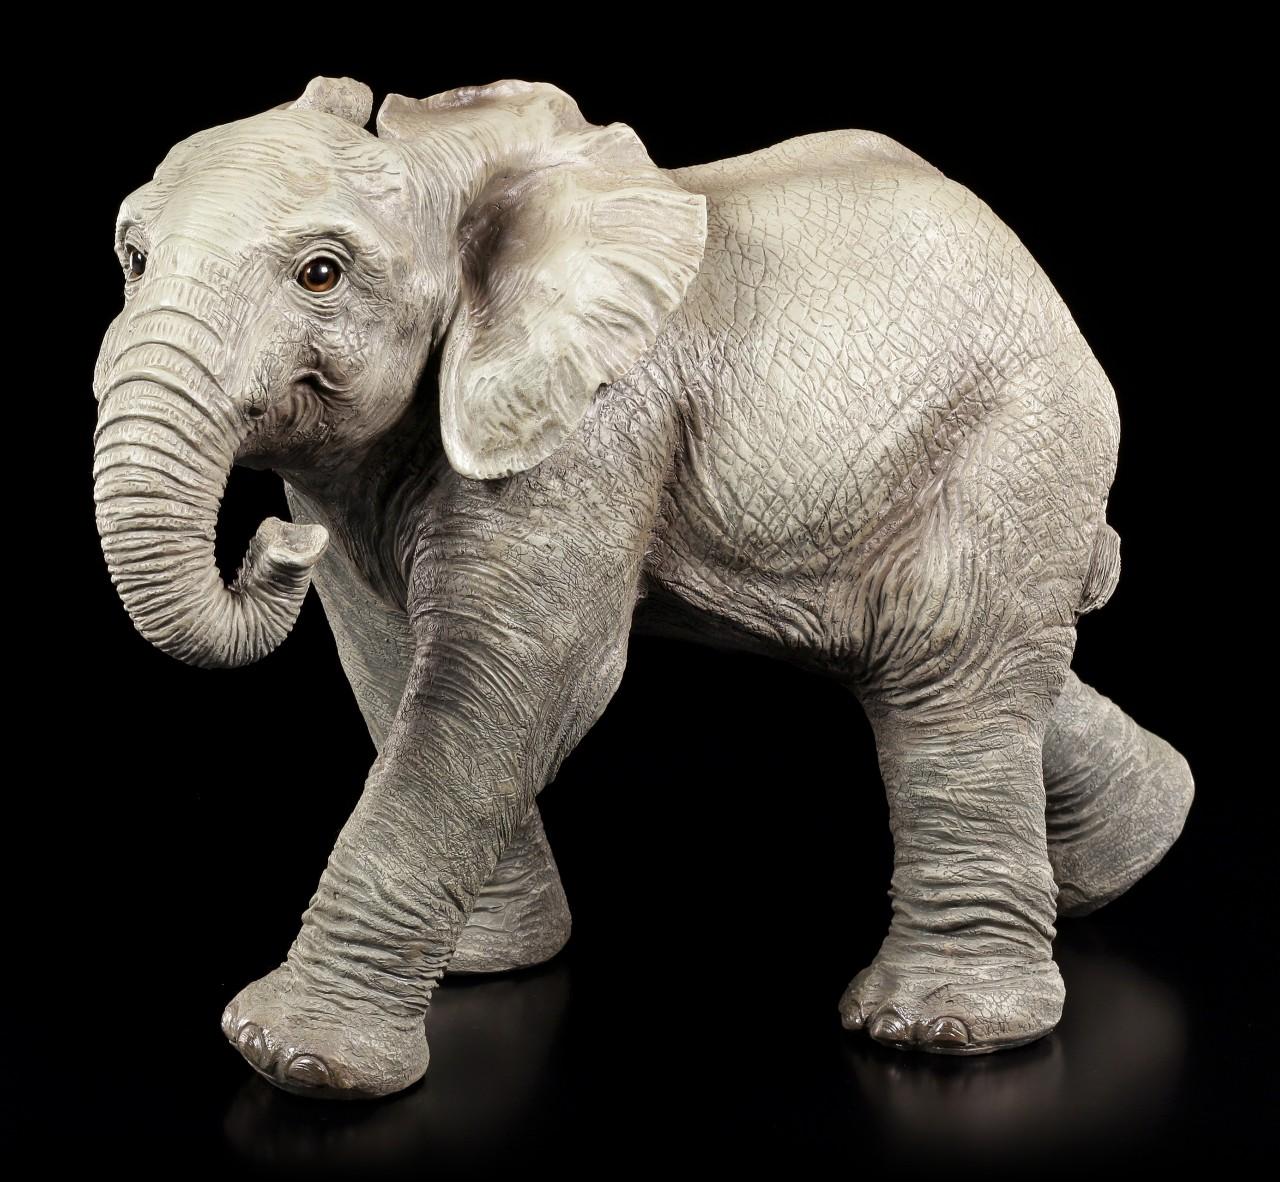 Gartenfigur - Elefant laufend